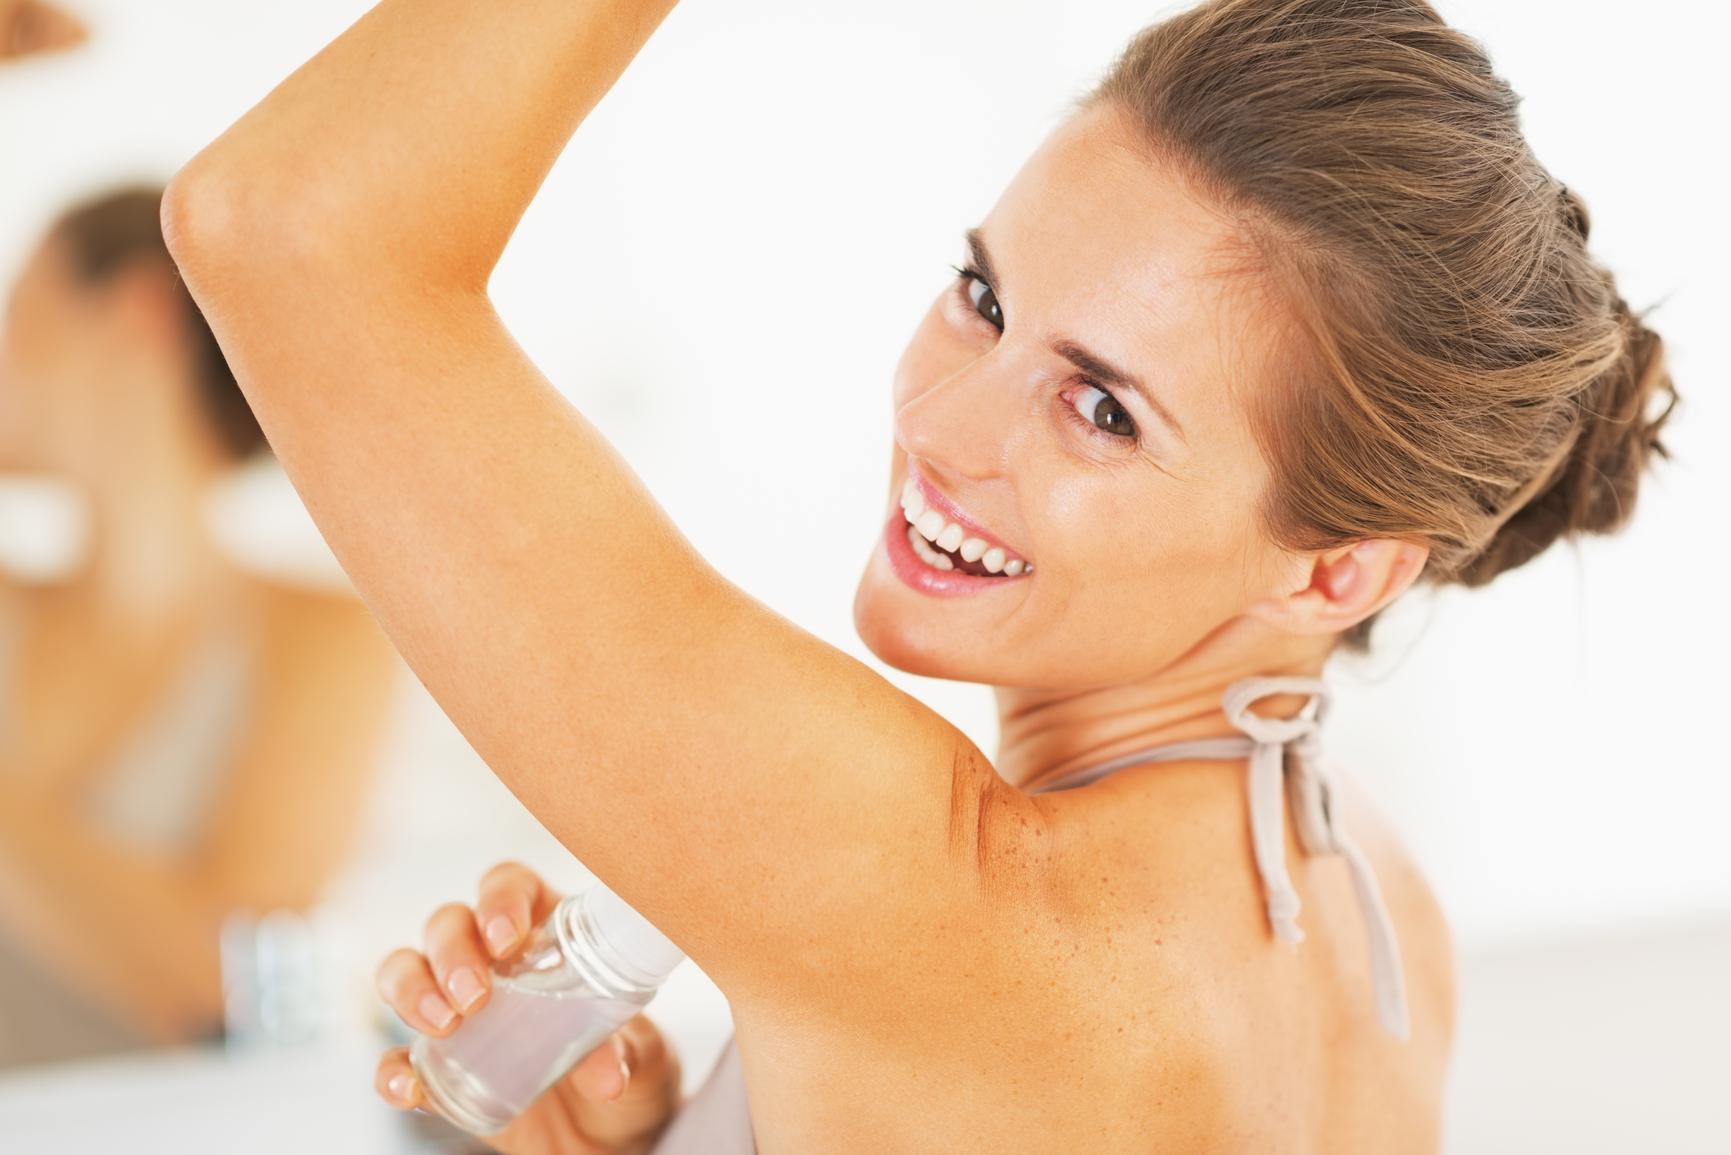 Лучший дезодорант от пота для женщин рейтинг